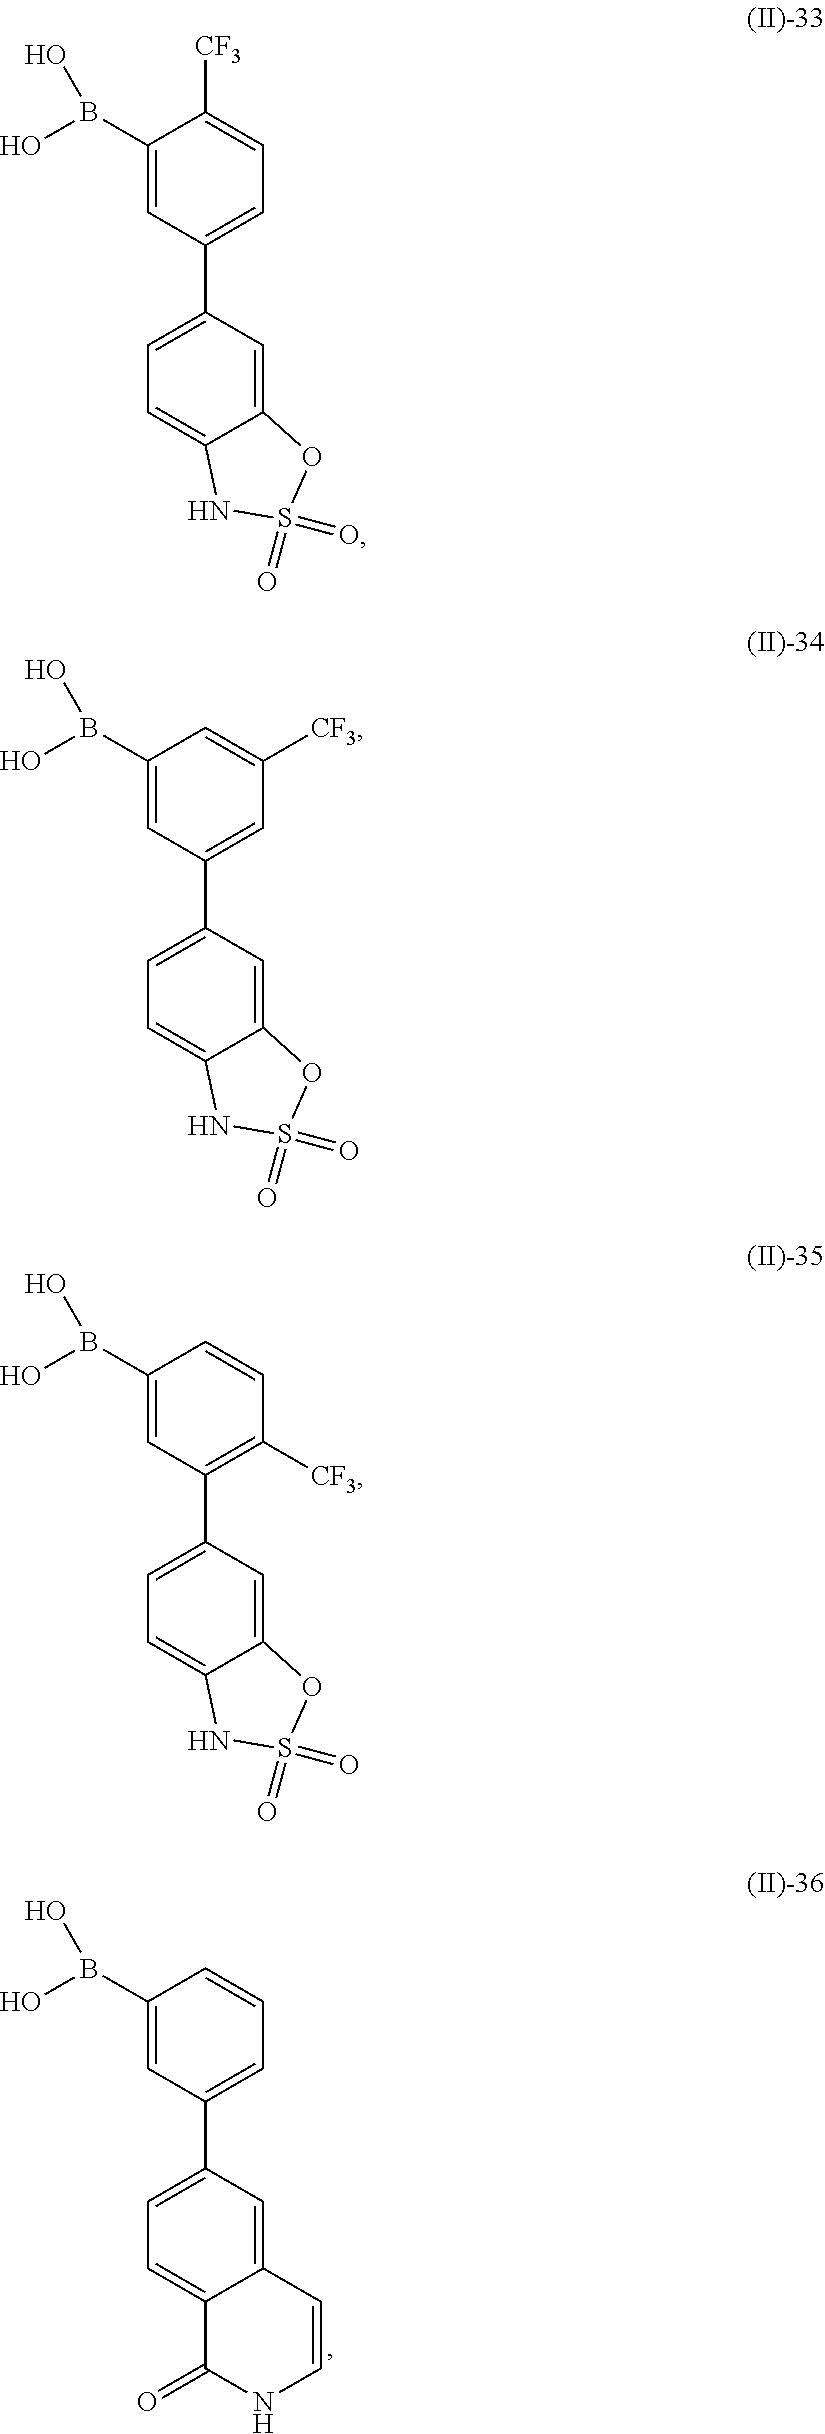 Figure US09630979-20170425-C00014